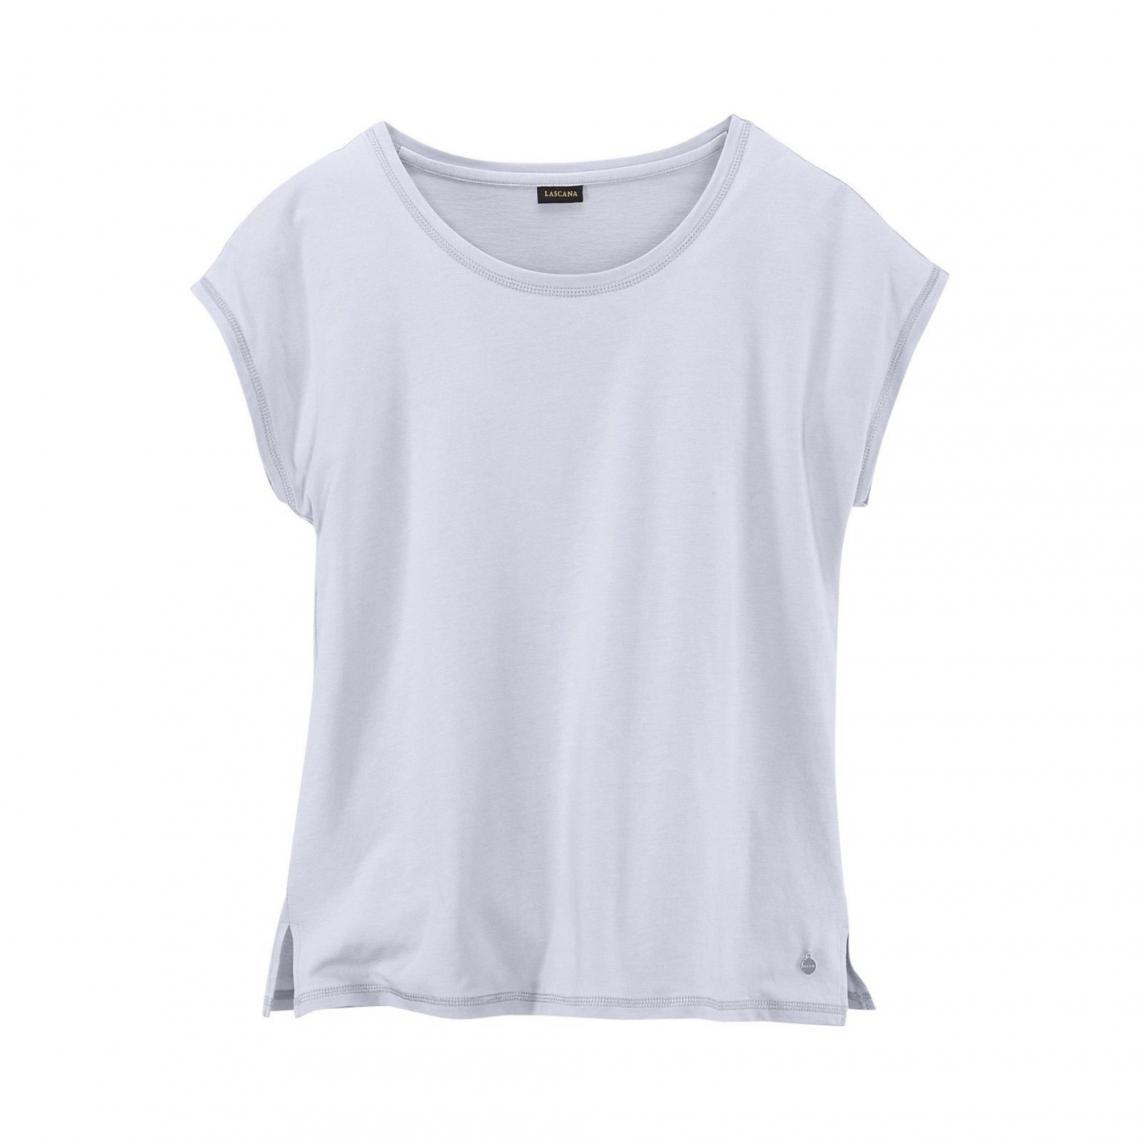 f6e56dba16f1e Séparables de nuit Lascana Cliquez l image pour l agrandir. Tee-shirt de  pyjama à manches courtes femme Lascana - Gris Argent Lascana